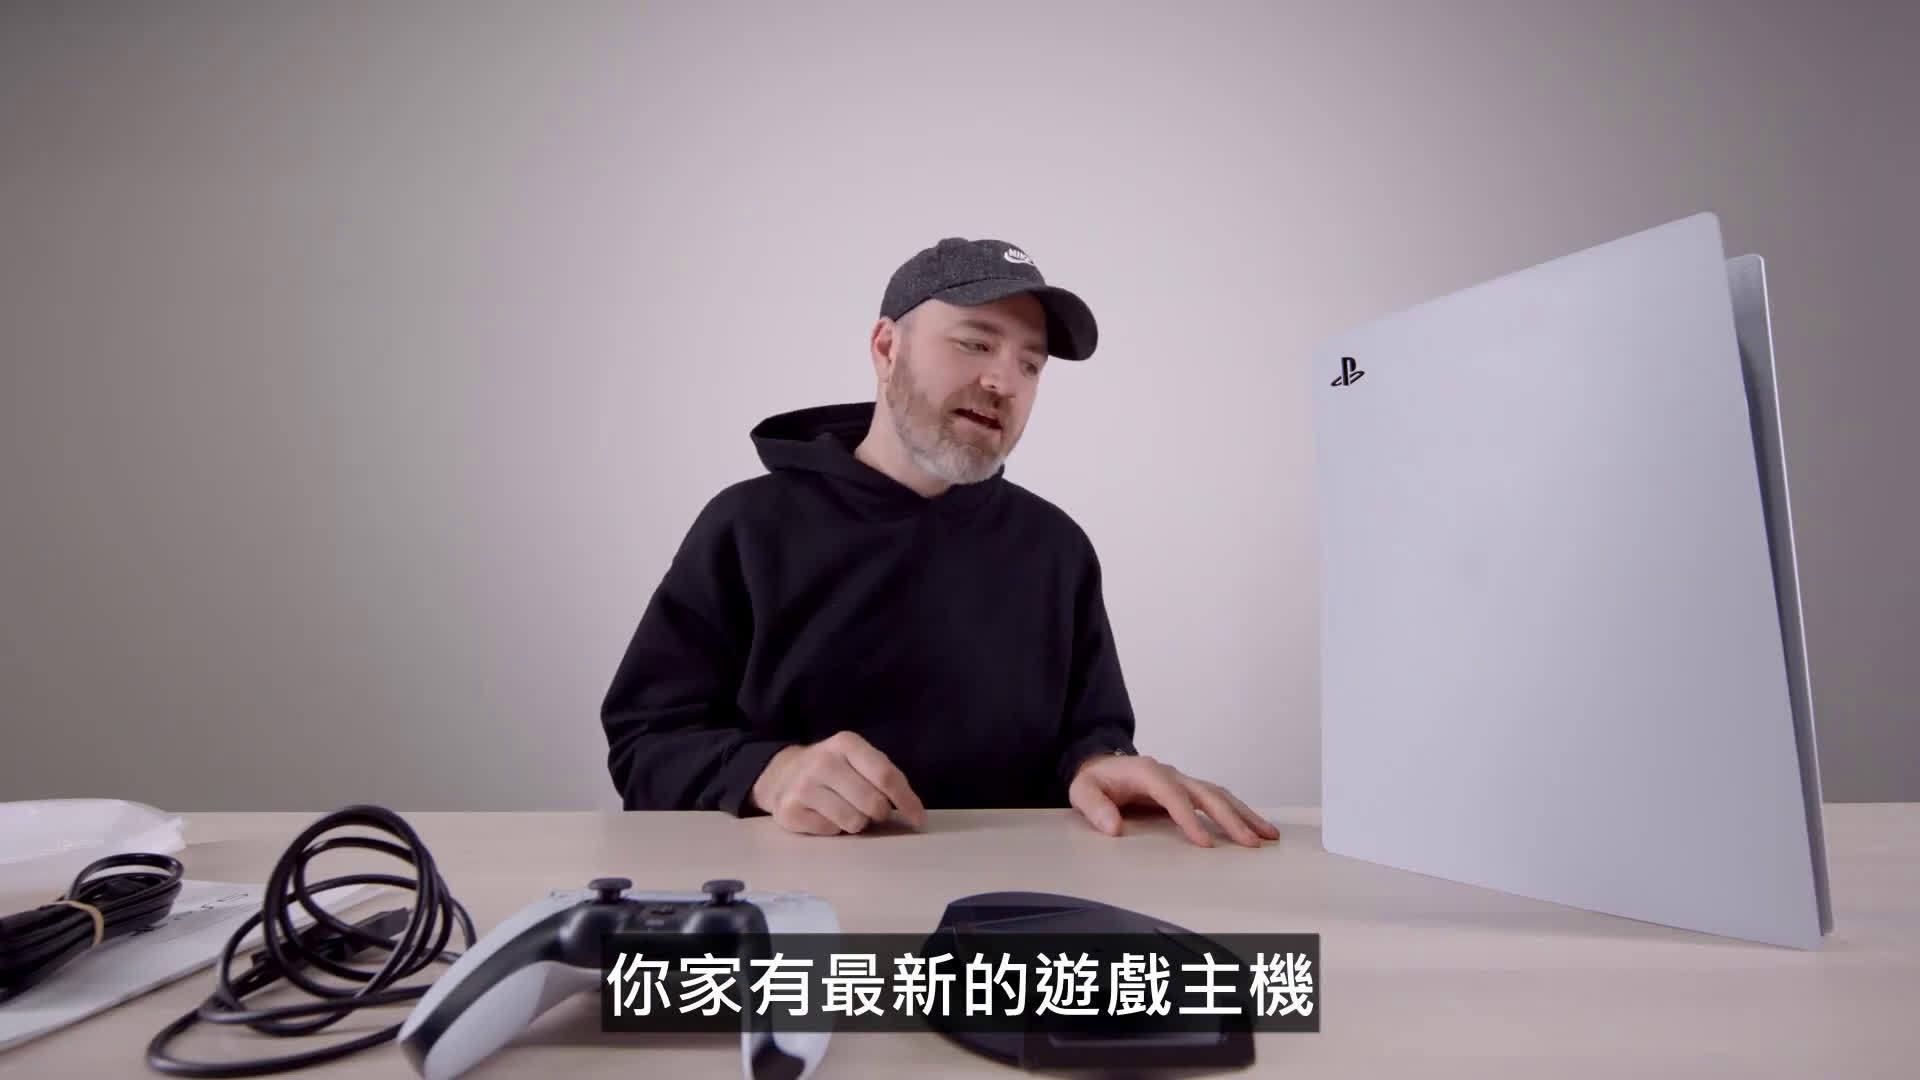 来看著名数码博主Unbox Therapy带来索尼次世代PlayStation